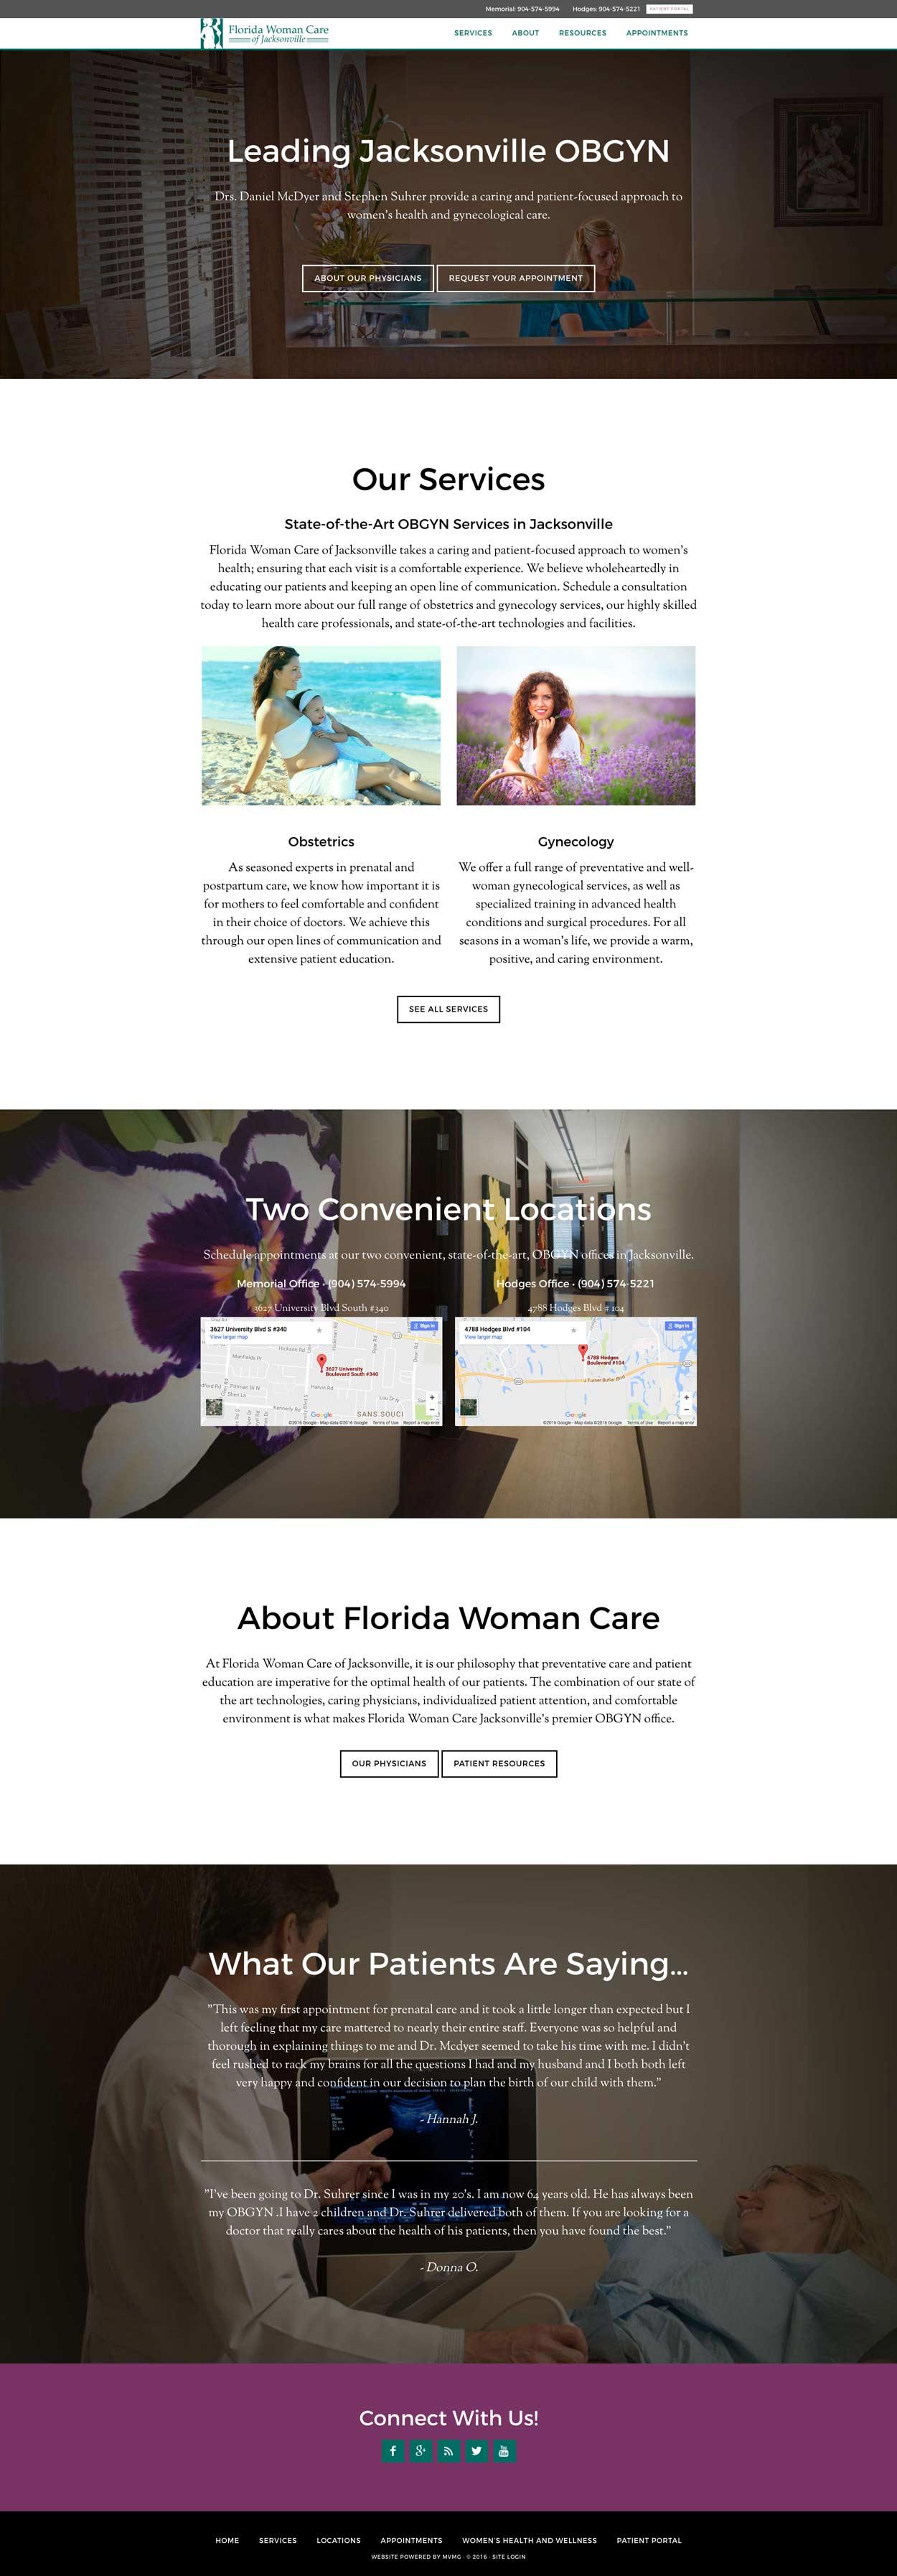 OBGYN portfolio case study web